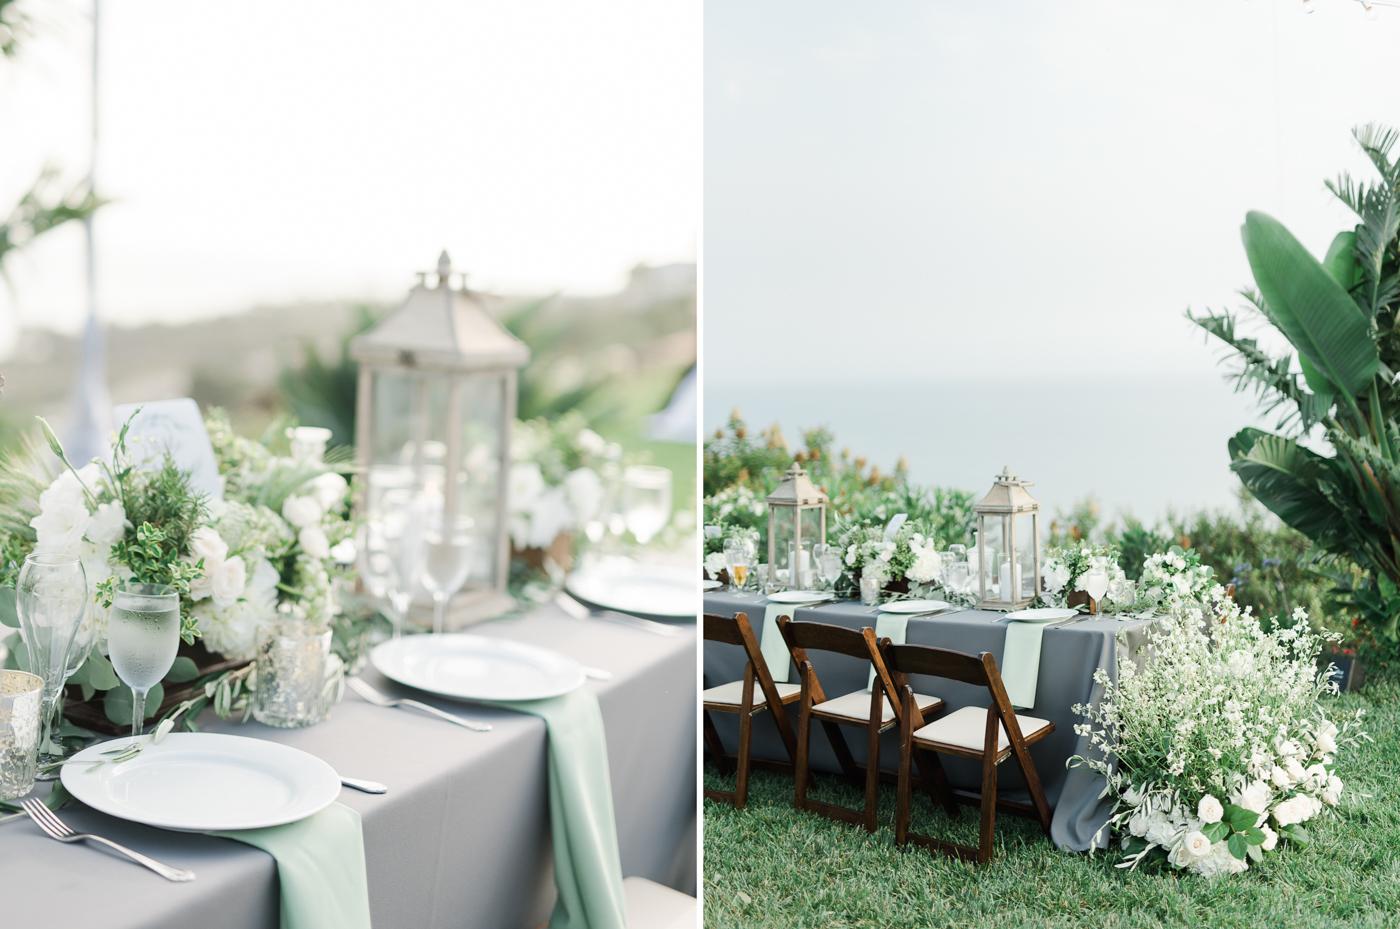 AKP_S&F_Malibu_Wedding_Fine_Art_Photography_Los_Angeles-30_reception.jpg